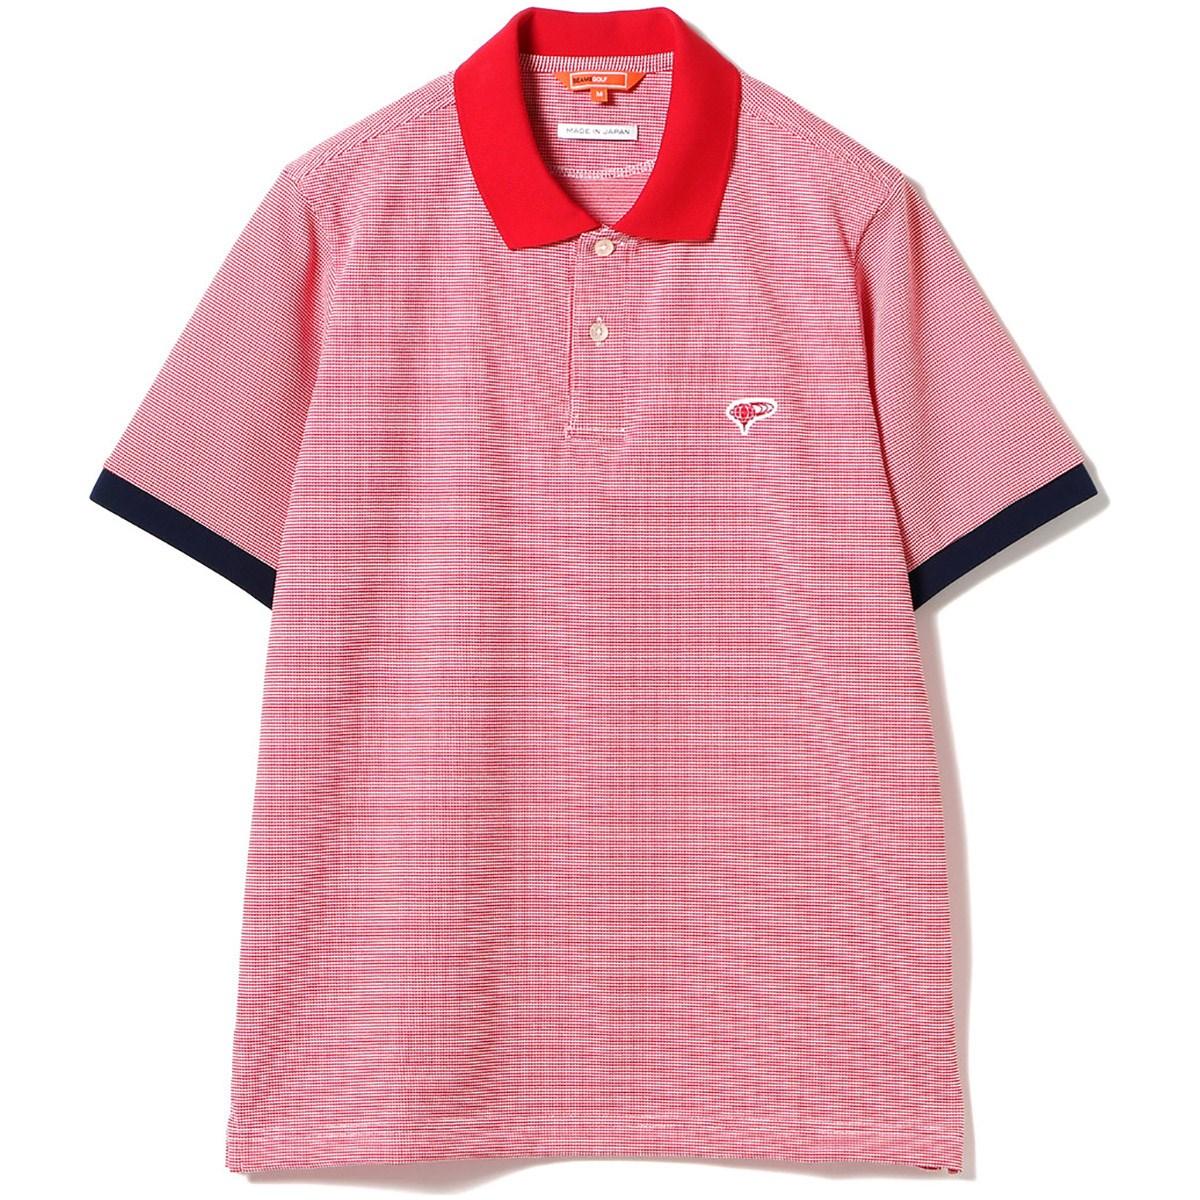 ビームスゴルフ BEAMS GOLF ORANGE LABEL ミジンボーダー ポロシャツ